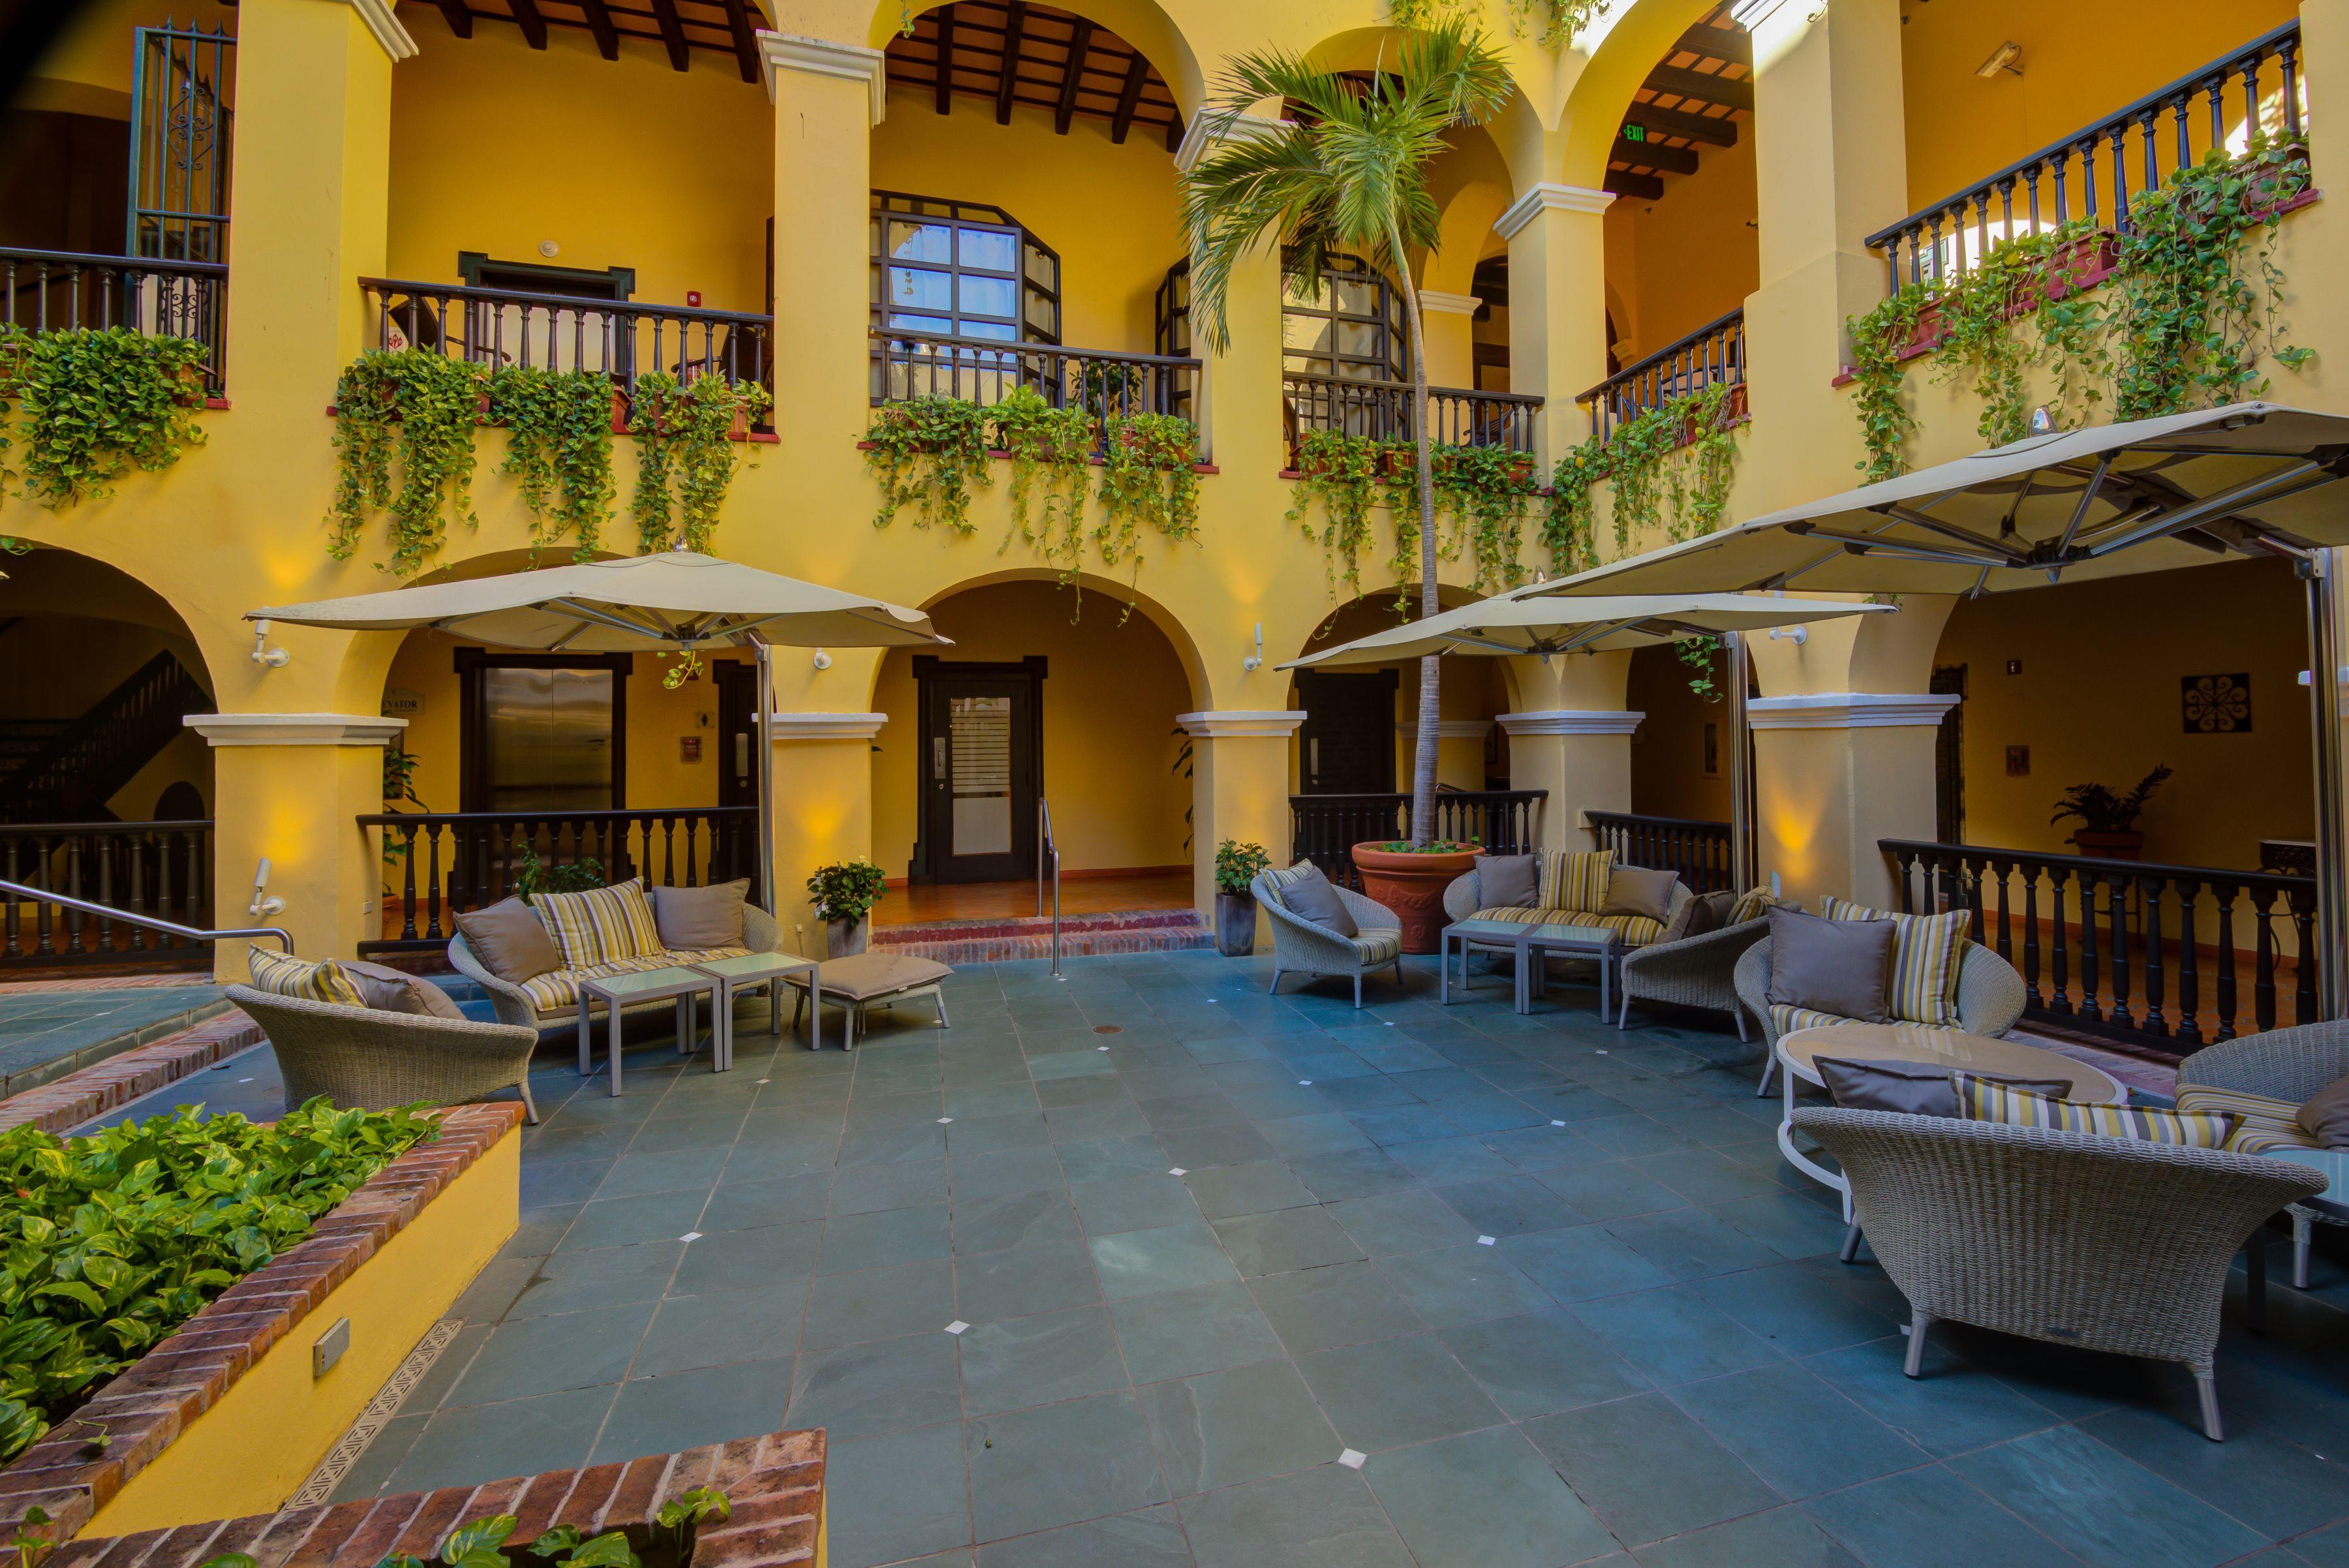 Courtesy of Hotel El Convento / Expedia